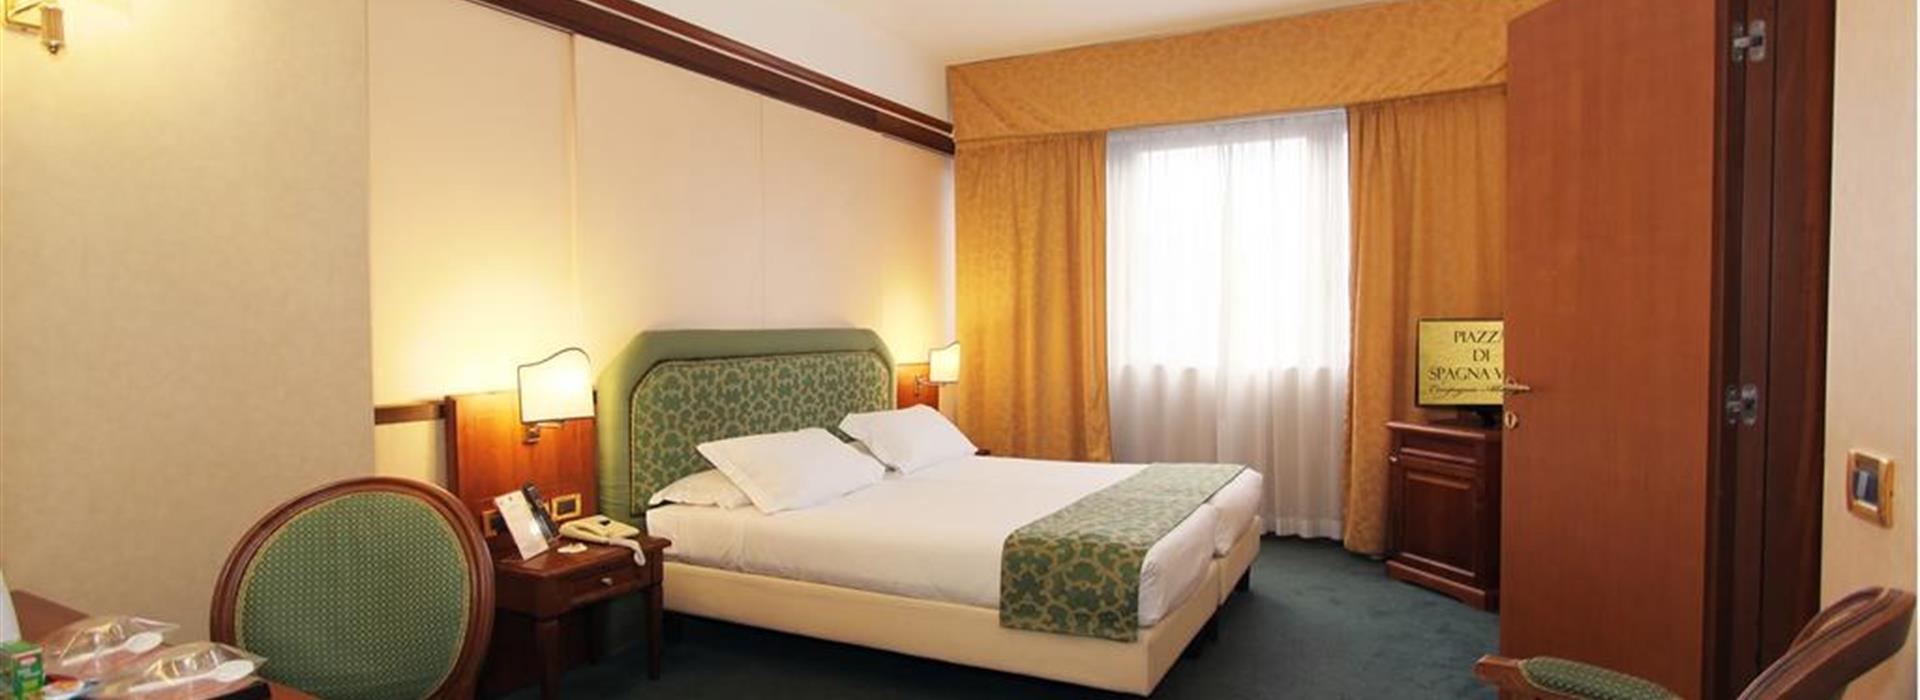 Cicerone-Hotel